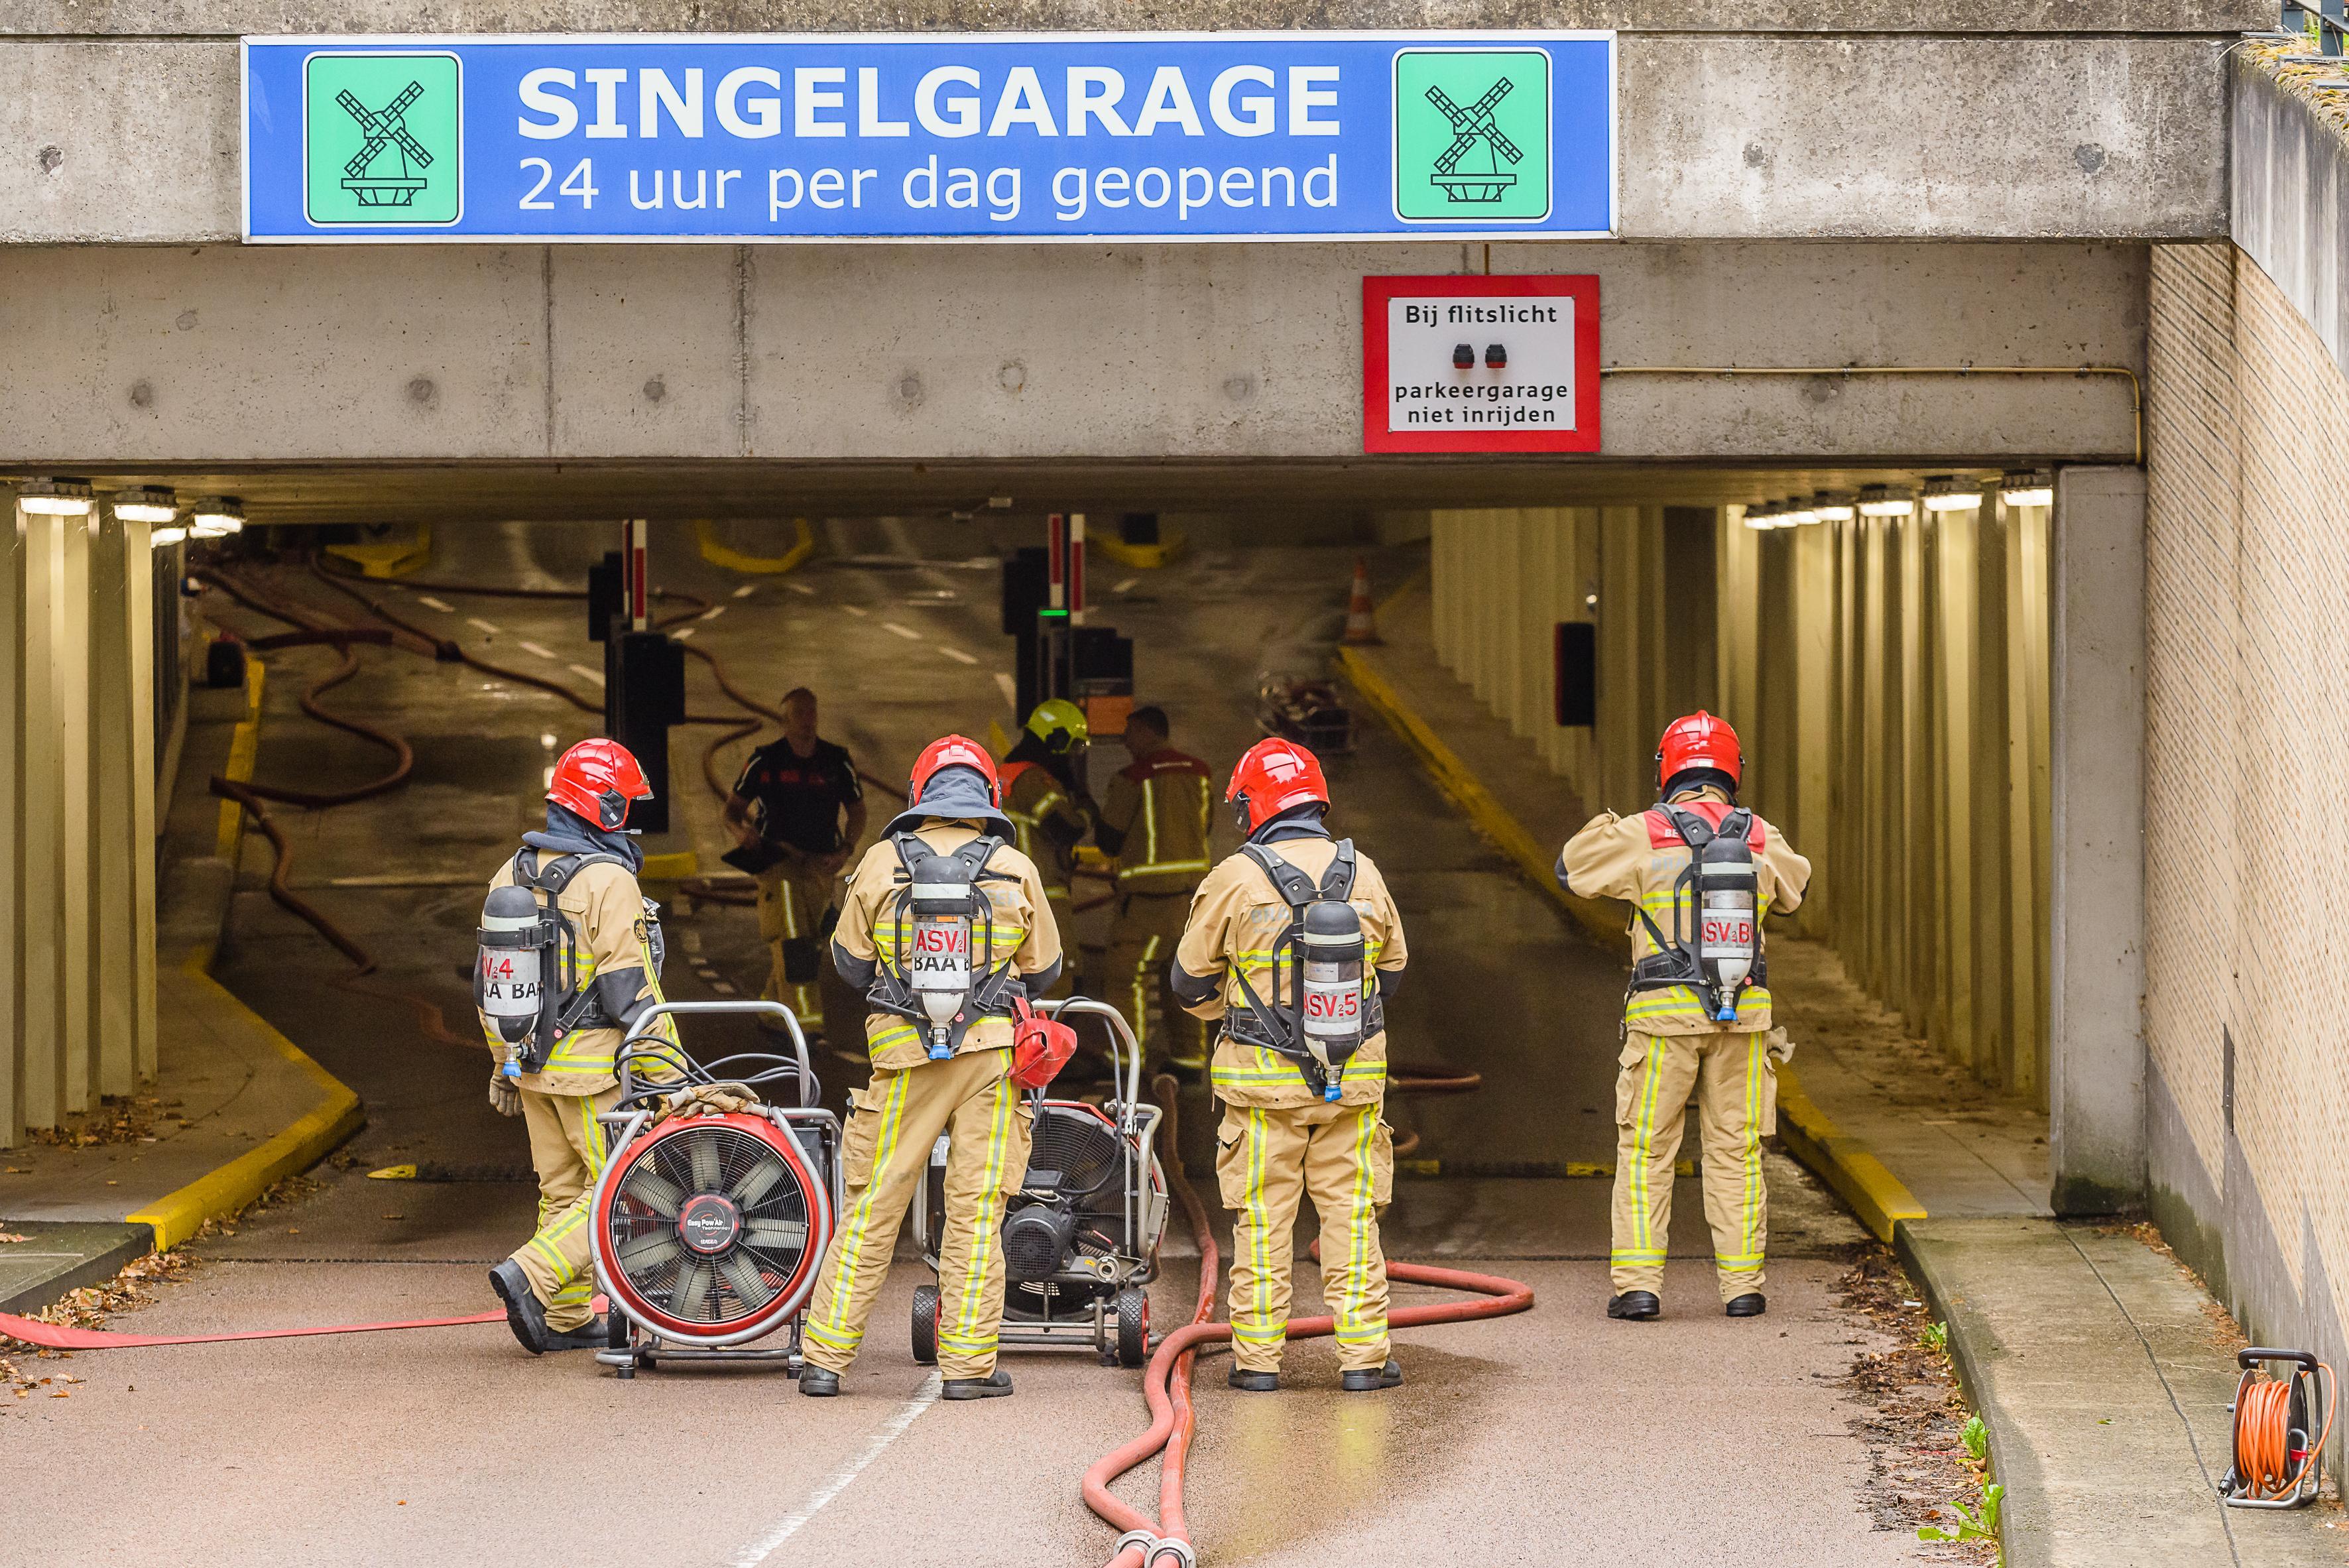 Ventilatie-installatie Singelgarage was in april nog getest en was toen orde, reageert het stadsbestuur van Alkmaar op kritiek na brand. 'Ventilatiesysteem naderde wel einde van levensduur', erkent het stadsbestuur